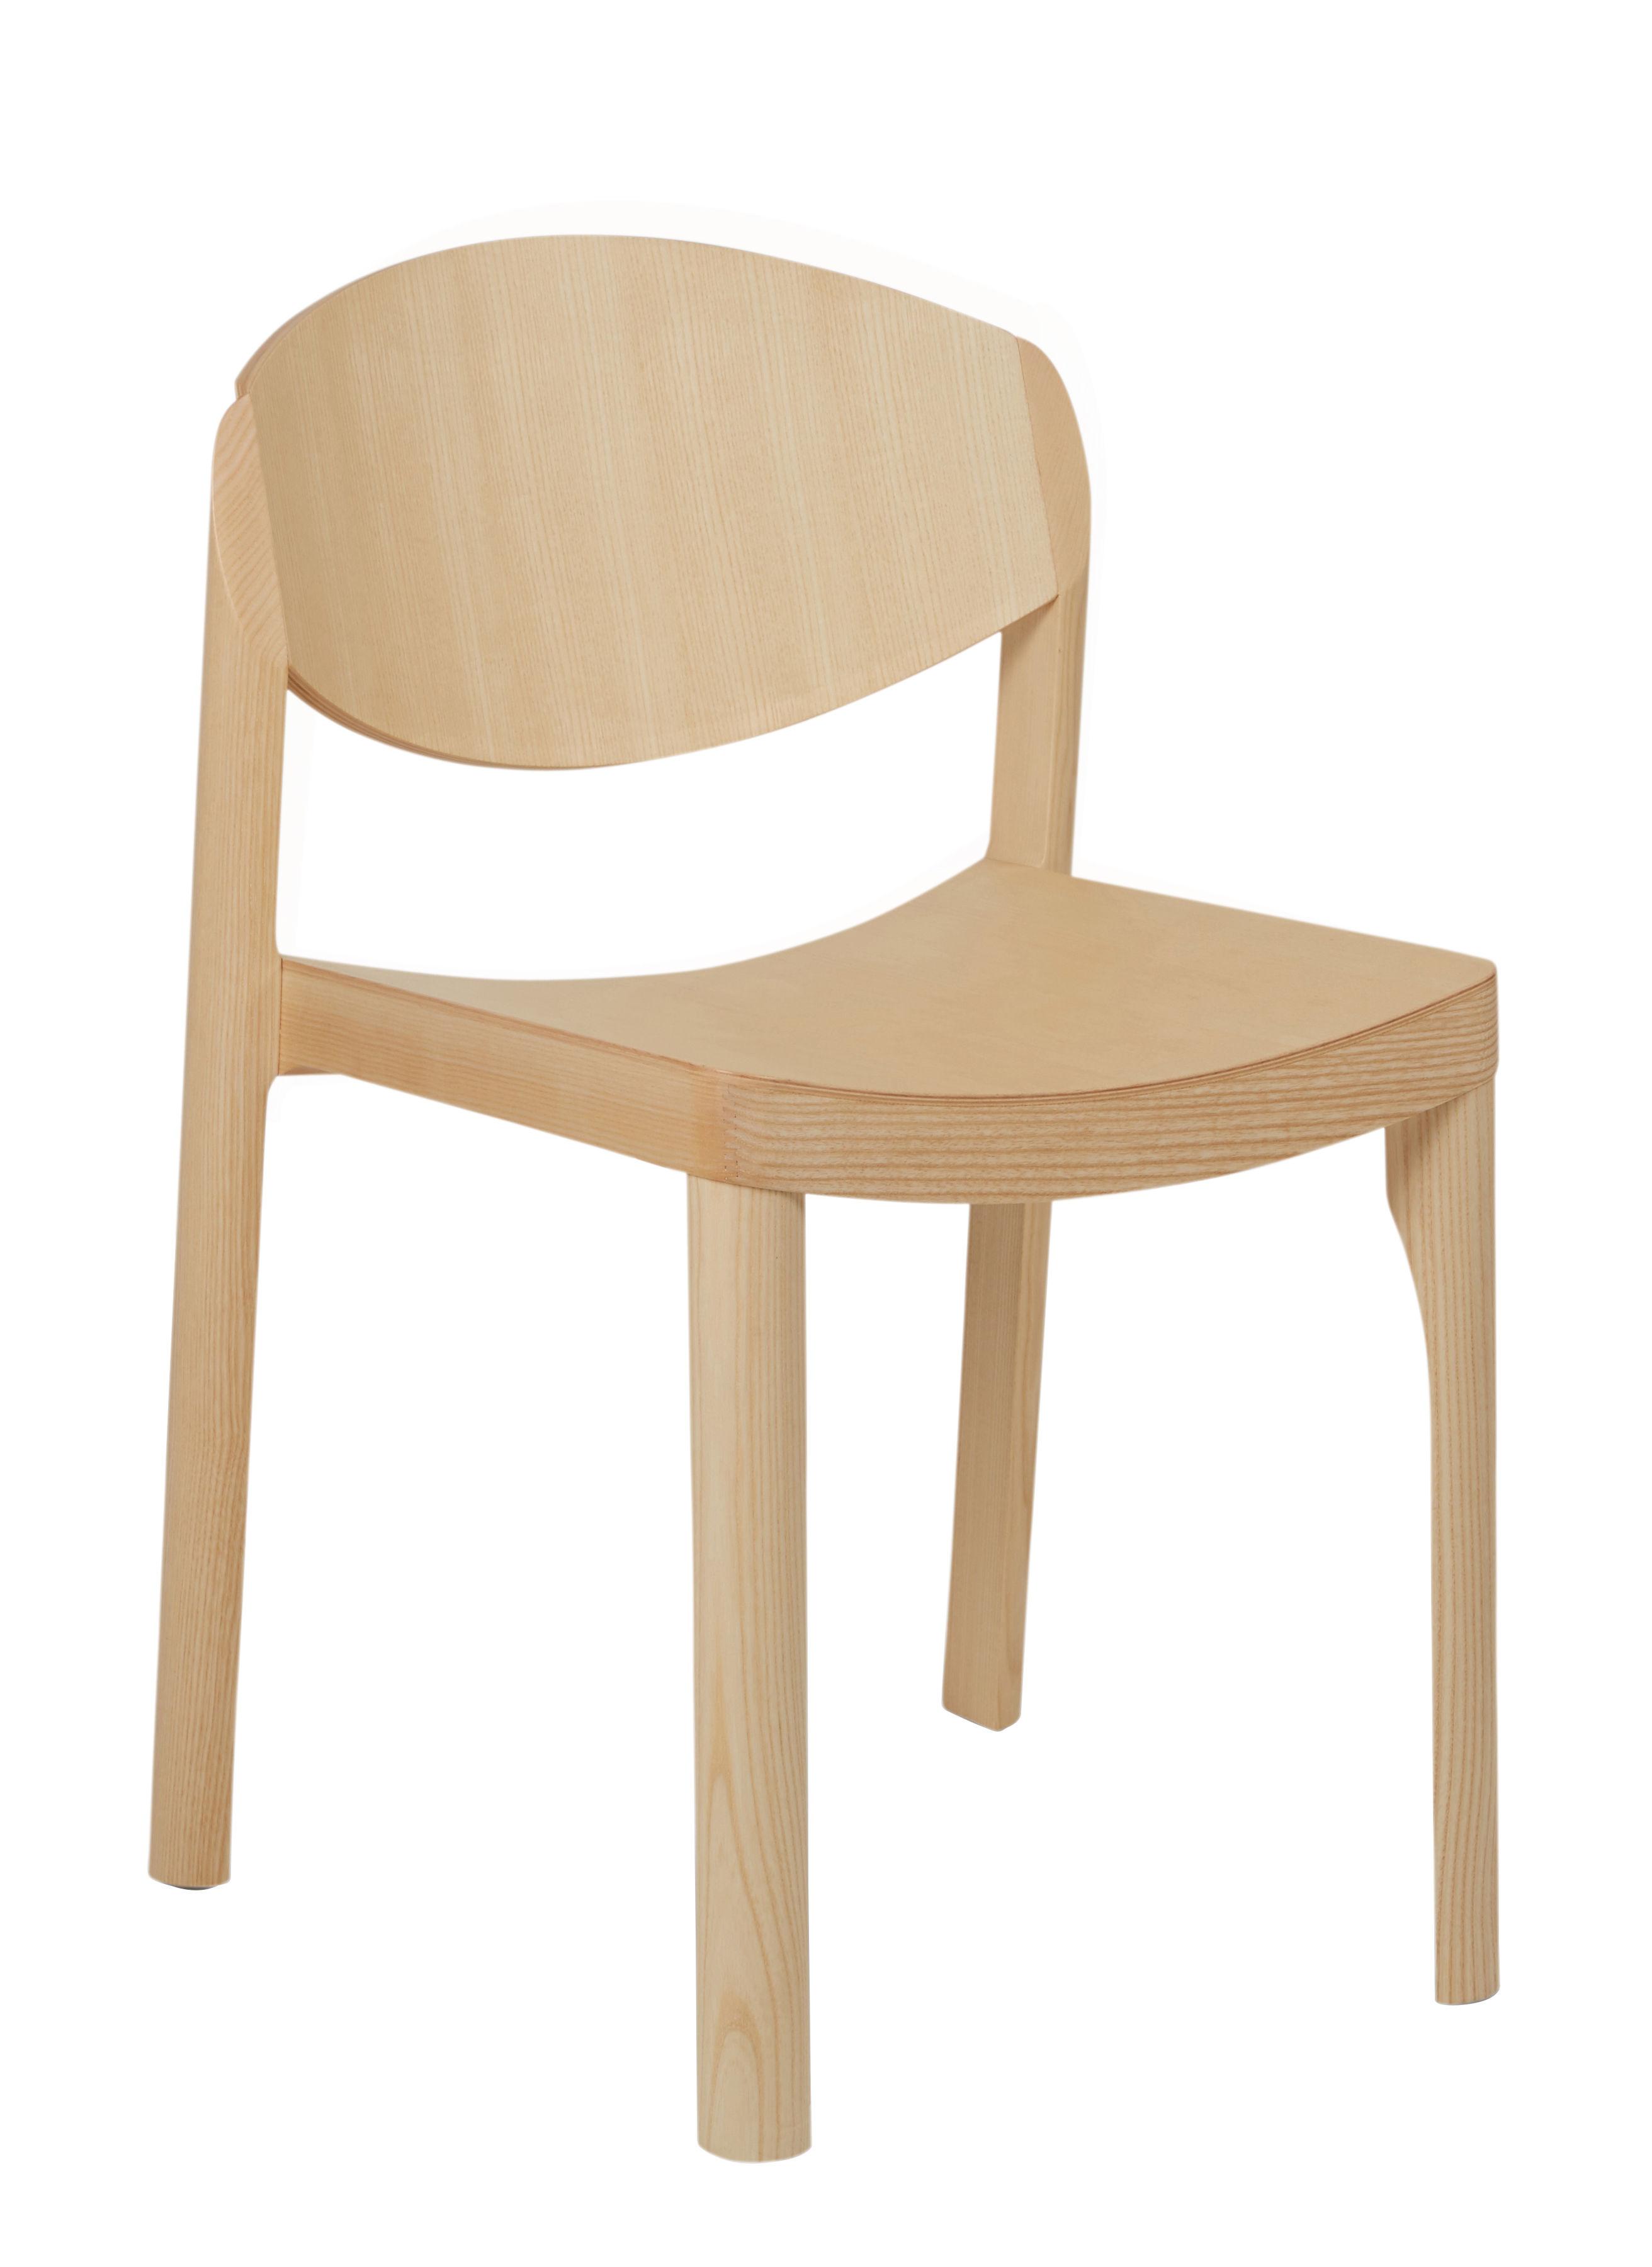 Mobilier - Chaises, fauteuils de salle à manger - Chaise empilable Mauro / Bois - Established & Sons - Frêne - Frêne massif